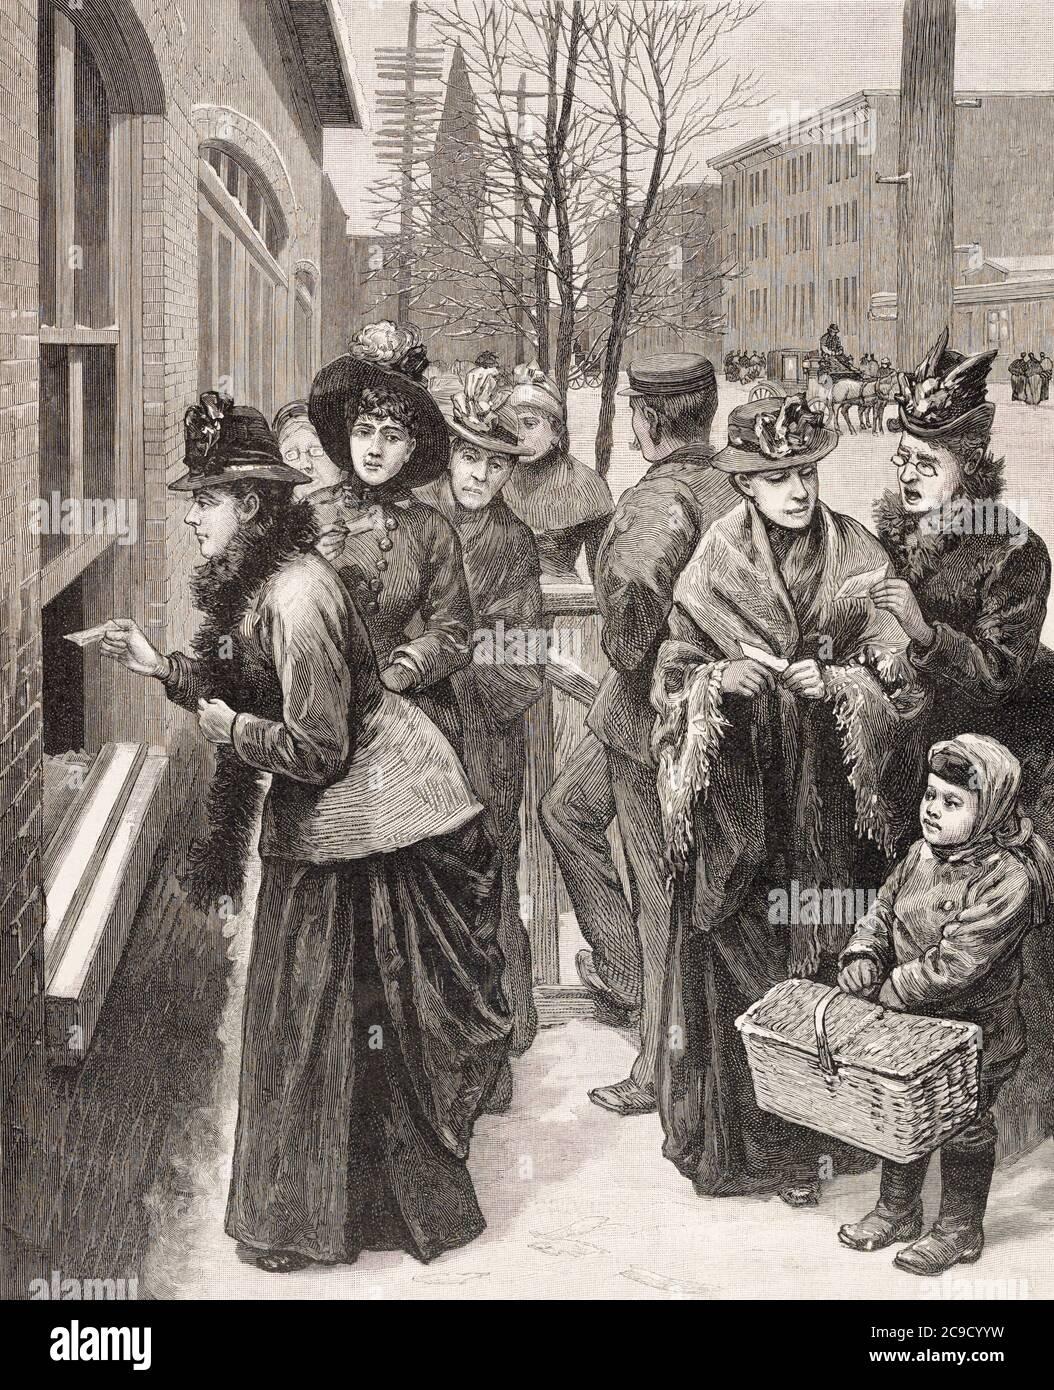 Les femmes votant aux urnes à Cheyenne, dans le territoire du Wyoming, aux États-Unis. Après une illustration d'un artiste inconnu dans l'édition du 24 novembre 1888 du journal illustré de Frank Leslie. En 1869, le Wyoming suffrage Act a été adopté et le Wyoming est devenu le premier territoire des États-Unis, ou État à garantir le plein suffrage à leurs femmes. Banque D'Images